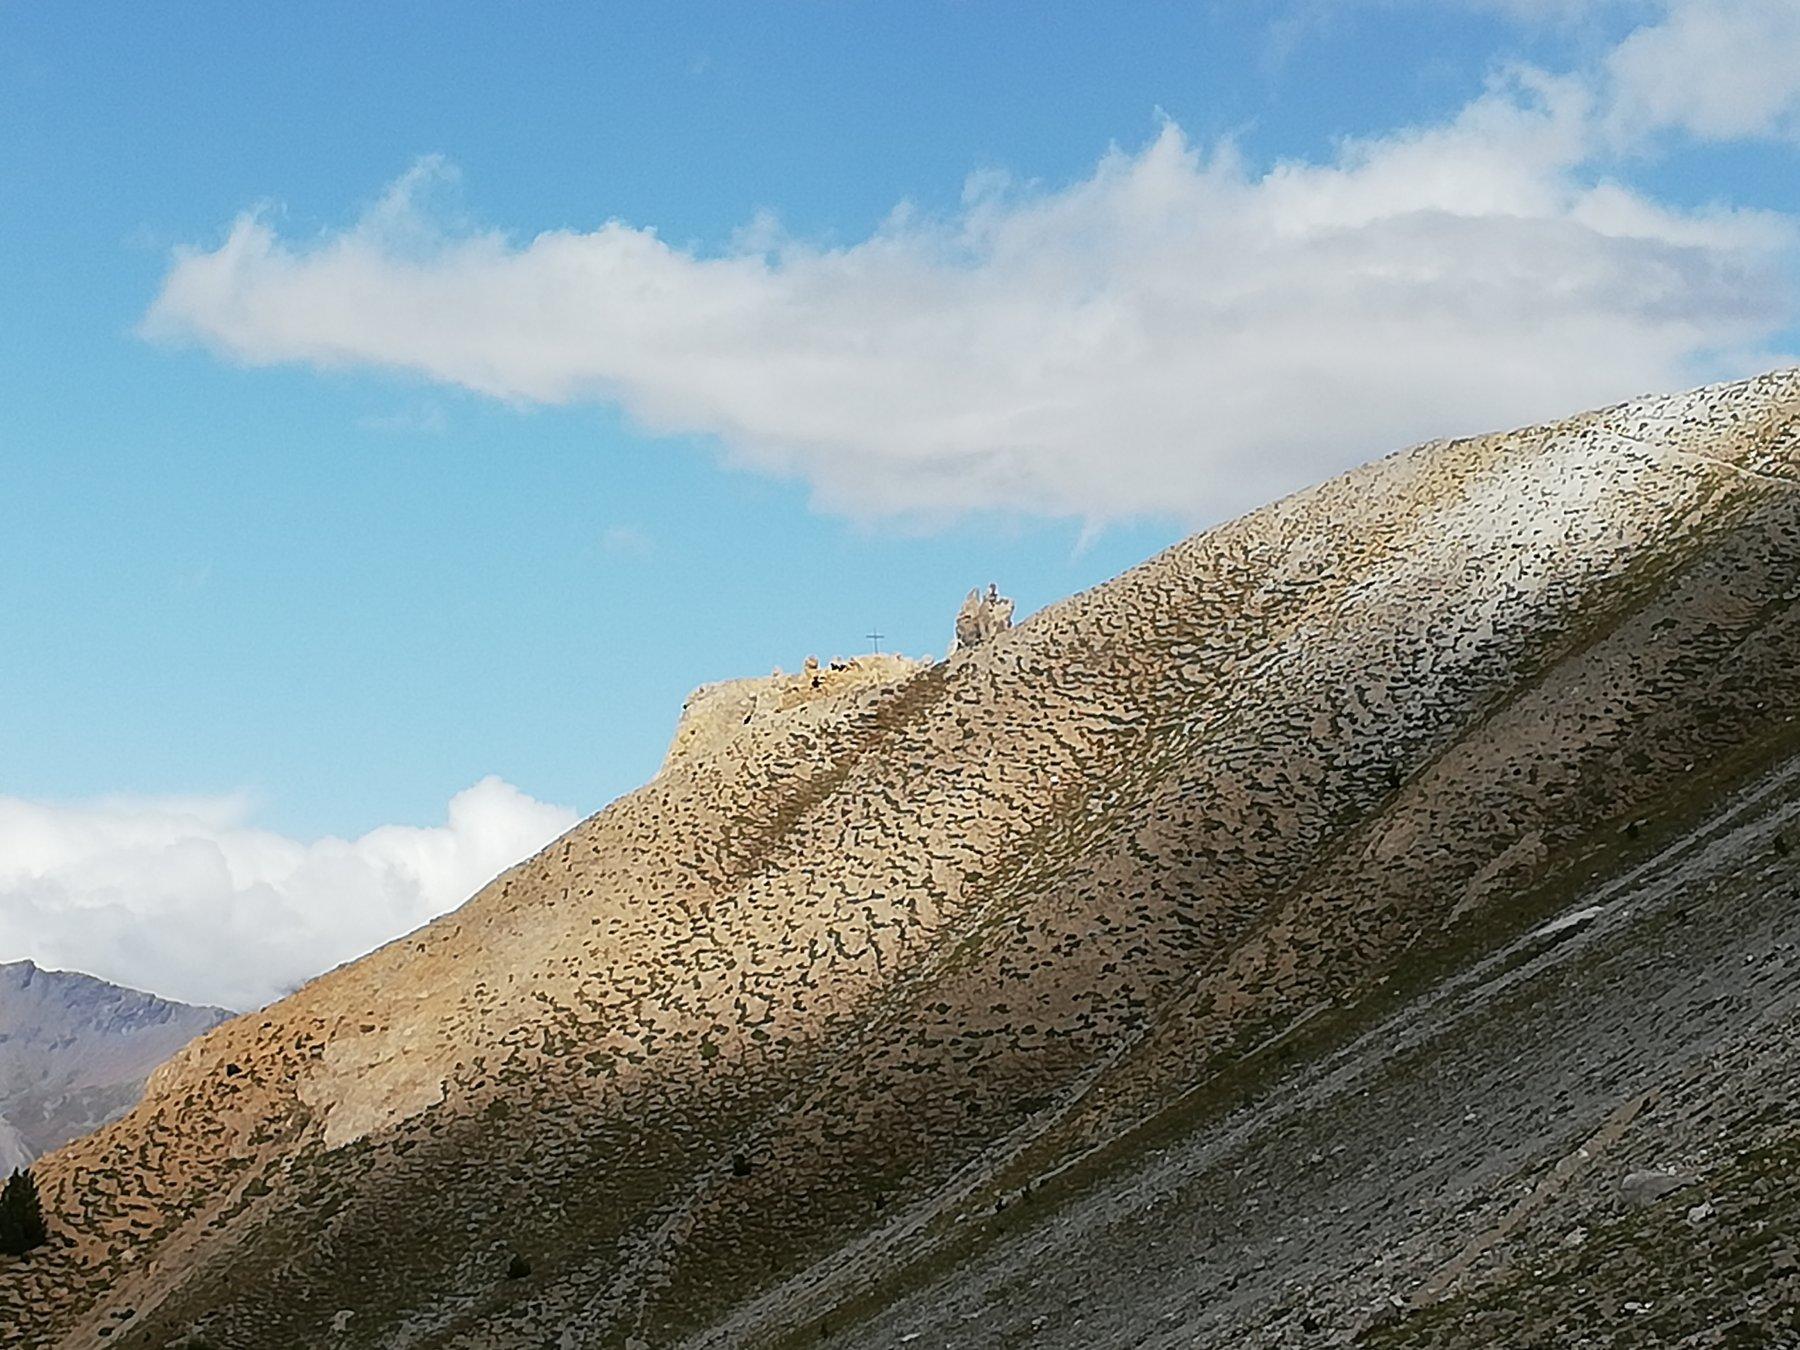 Dietro la cresta la Tour Jaune de Barabbas mt.2365